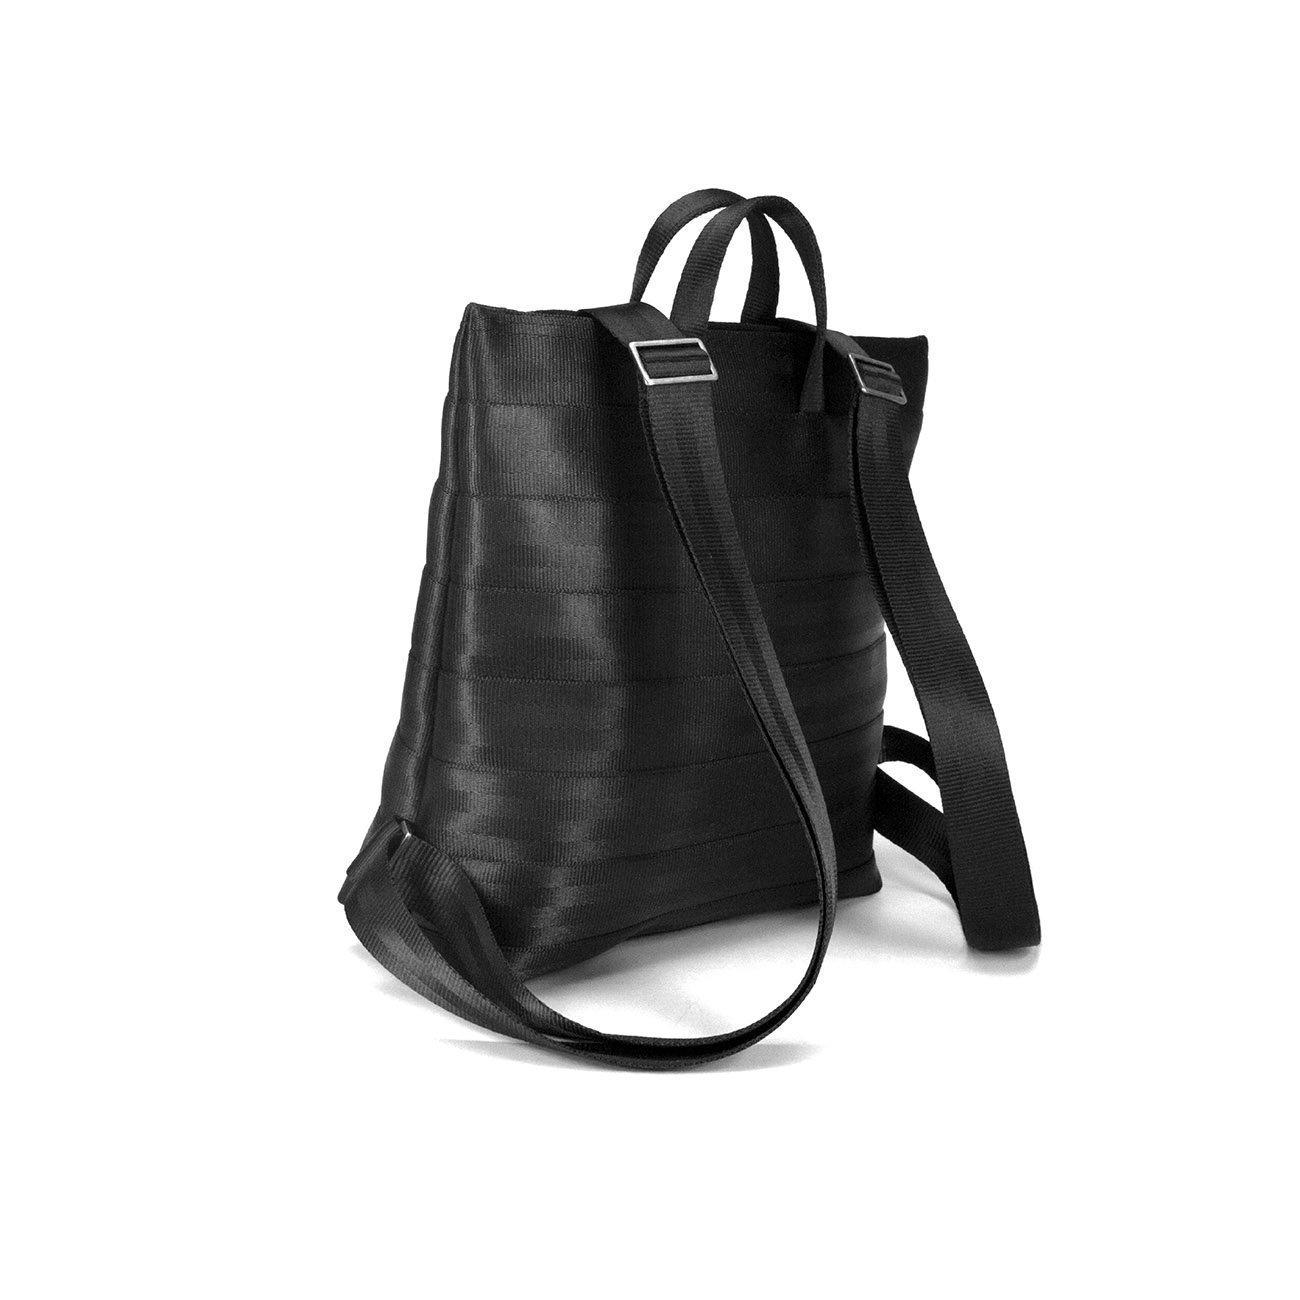 e7ced6e37af Mochila pequeña hecha con cinturones de seguridad reciclados. Con luz LED  integrada en el forro y 2 bolsillos interiores.: Amazon.es: Handmade